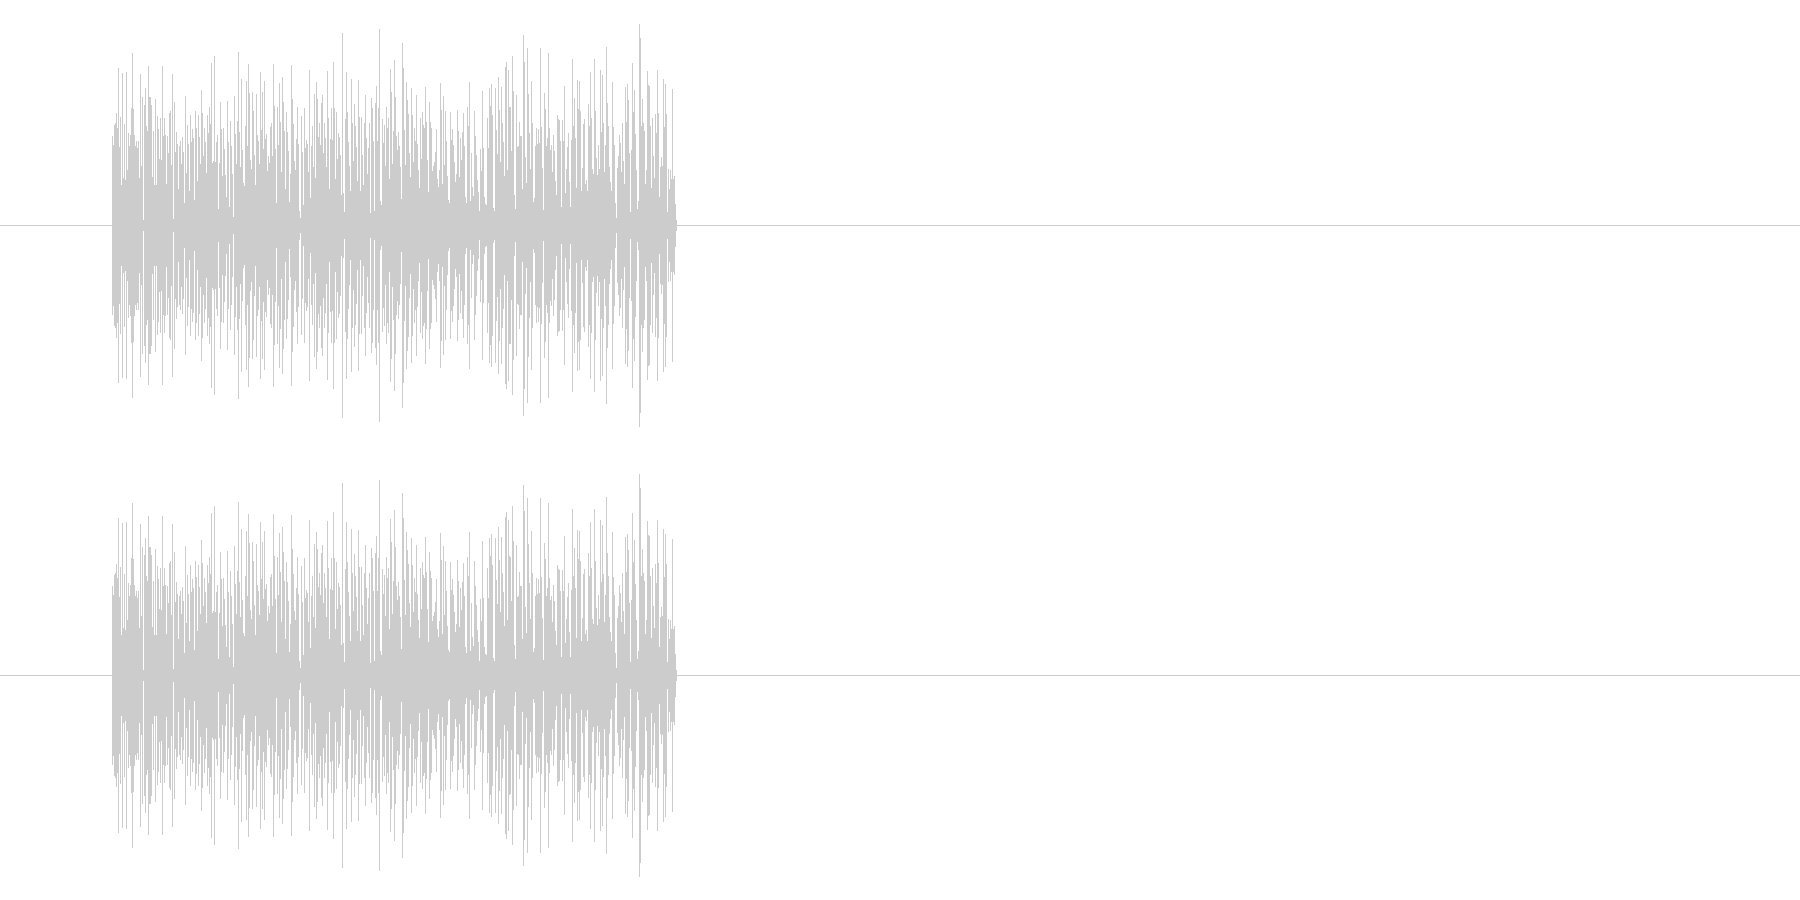 【NES RPG03-10(倒す)】の未再生の波形